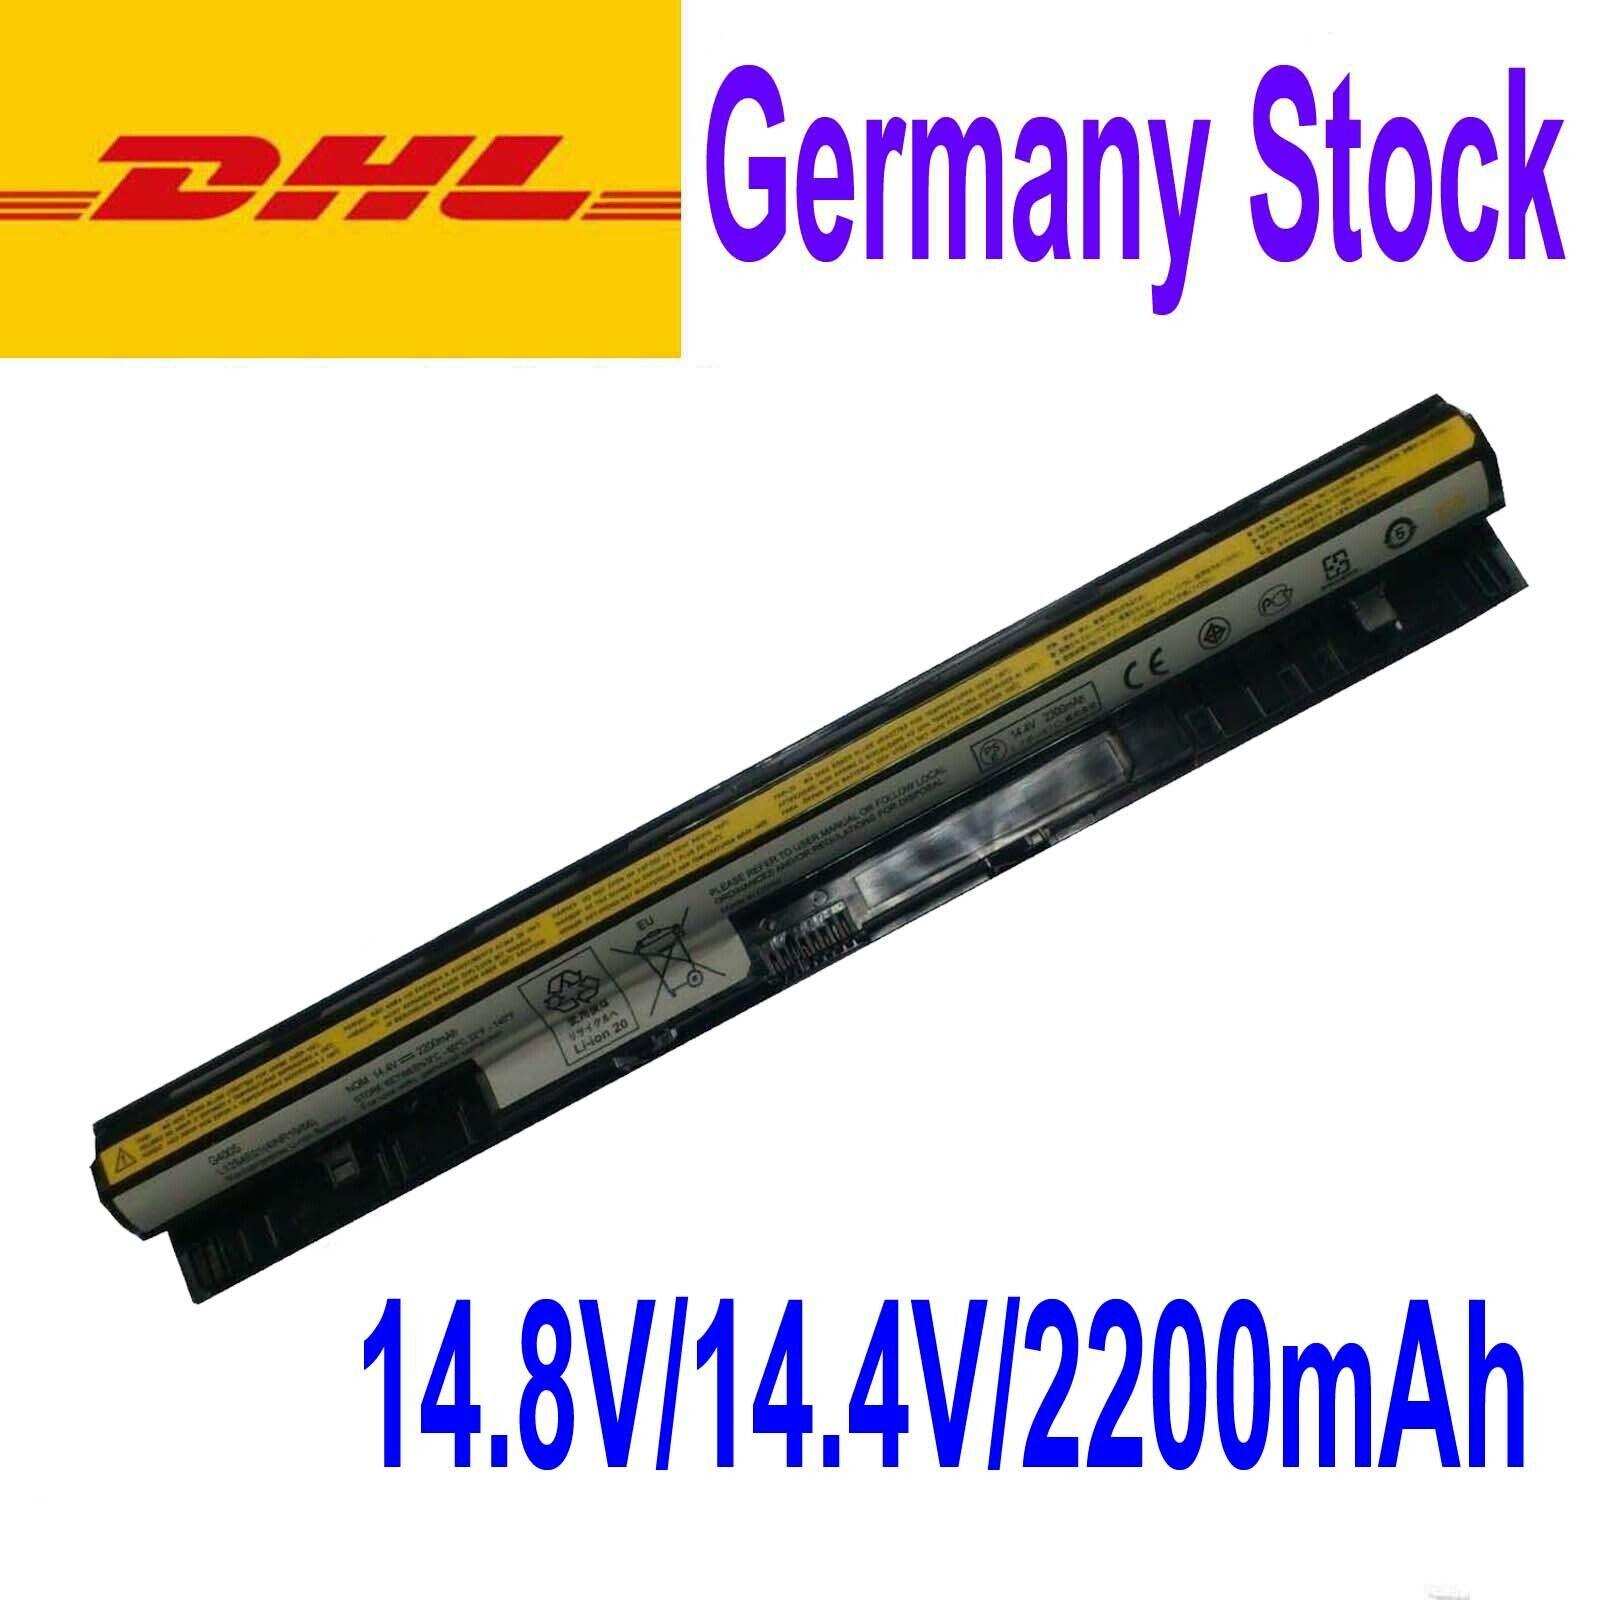 Akku Für Lenovo L12S4E01 L12L4A02 L12M4A02 L12M4E01 L12S4A02 G400s G500s Z710 | Verwendet in der Haltbarkeit